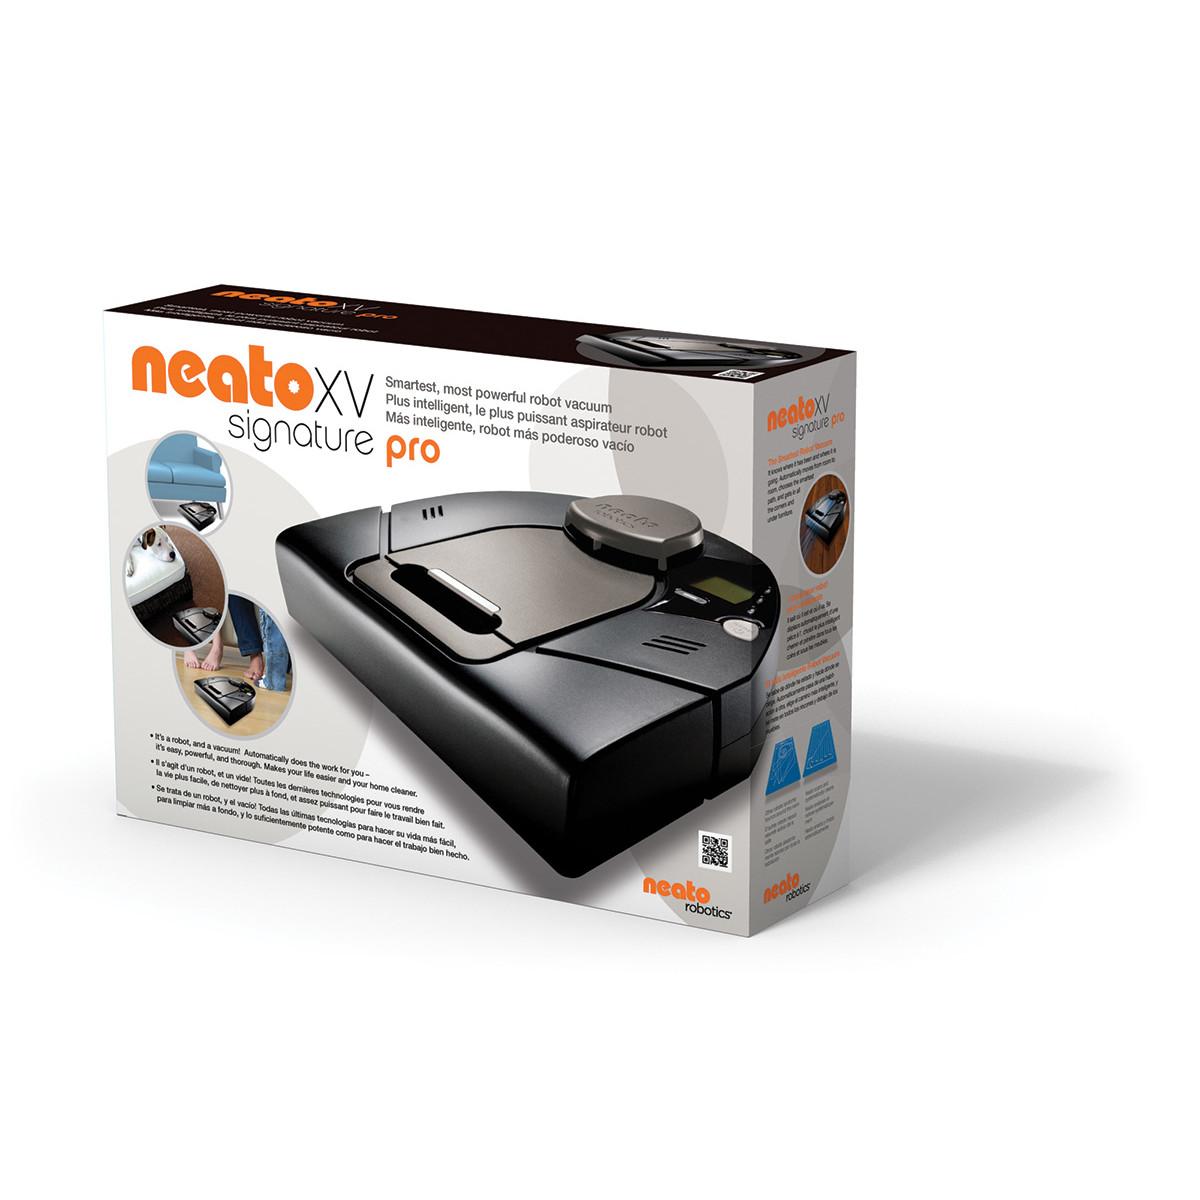 Neato robotics xv signature pro manual